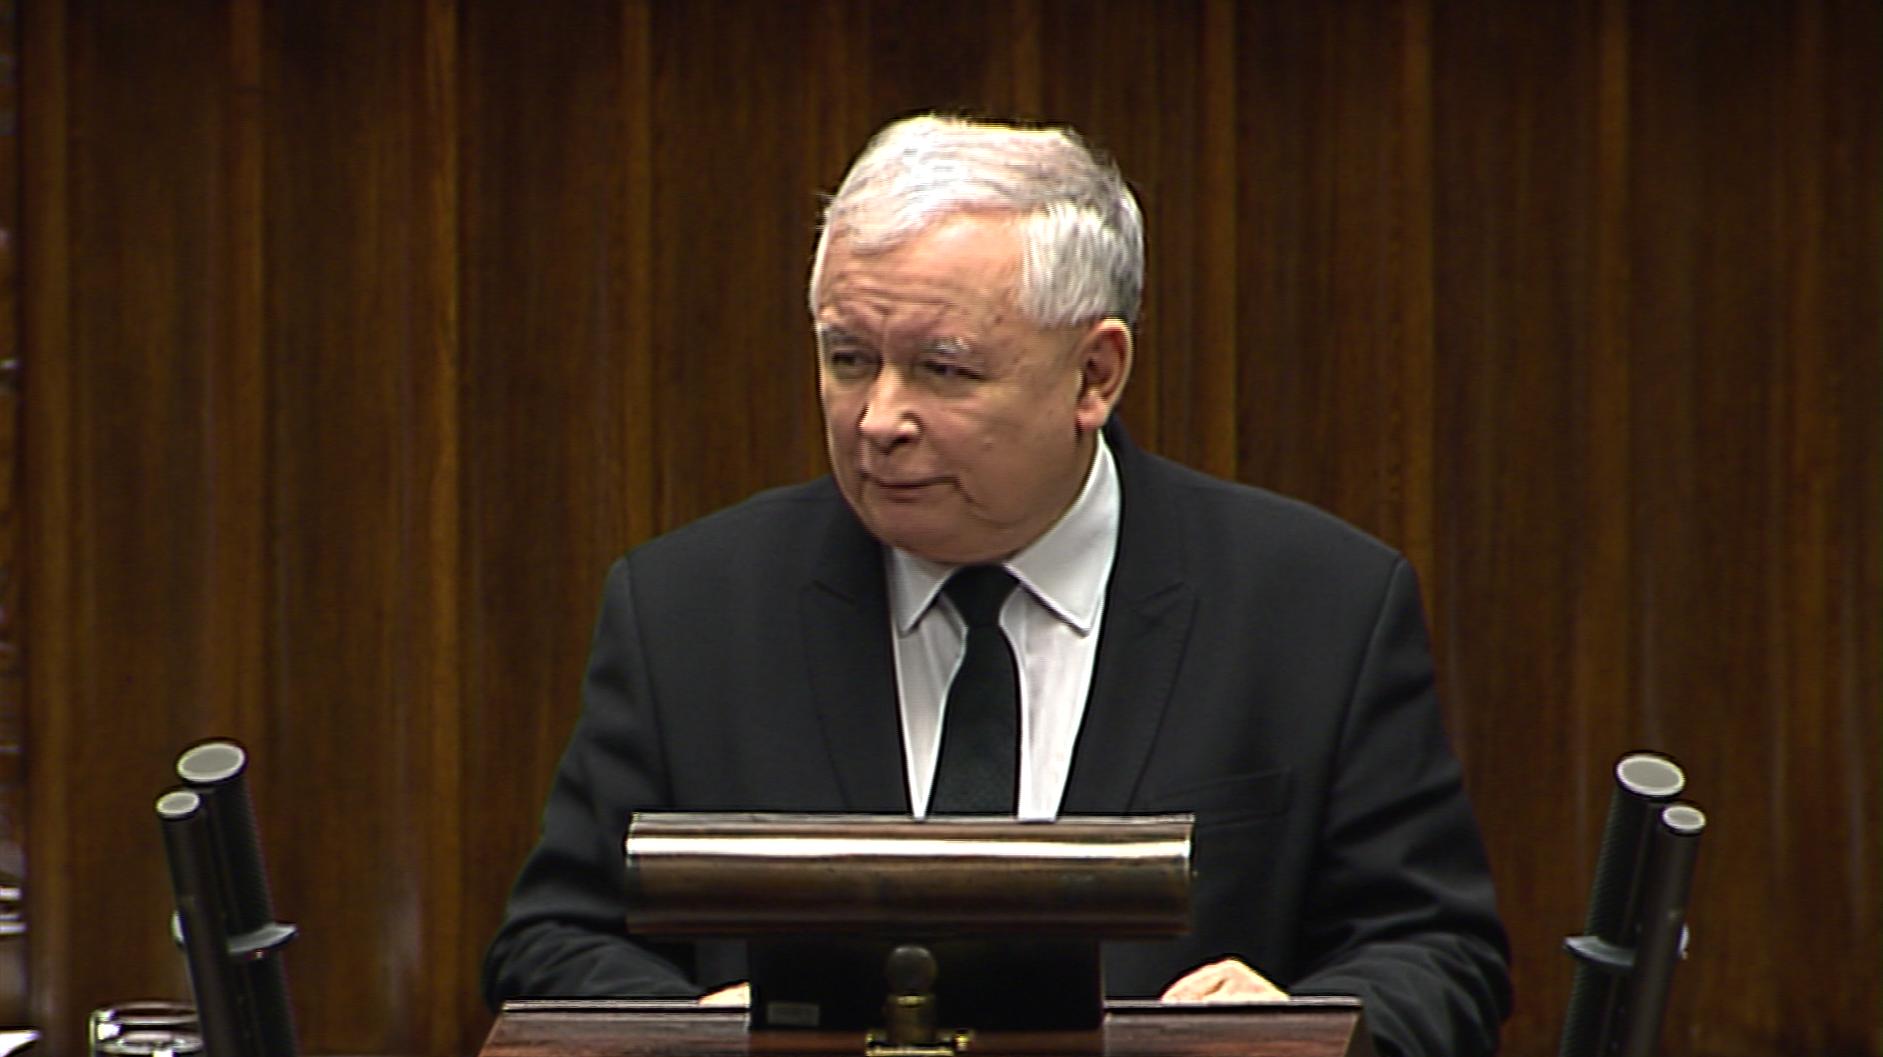 Prezes PiS: trzeba zmienić kodeks wyborczy, dokonać przeglądu konstytucji